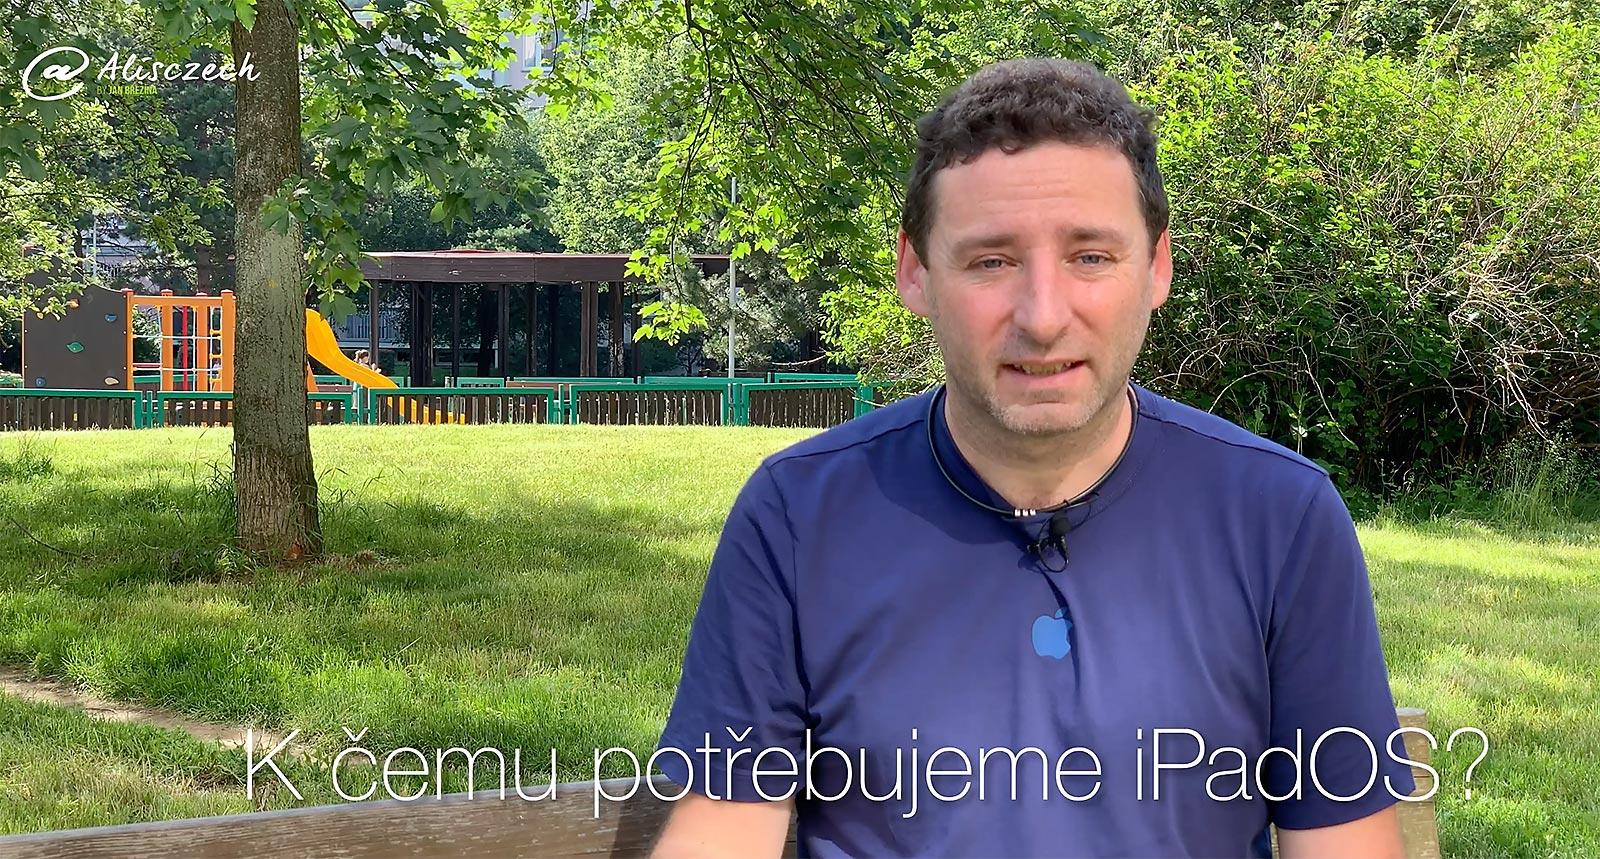 K čemu Apple potřebuje iPadOS? [4K] (Alisczech vol. 210)